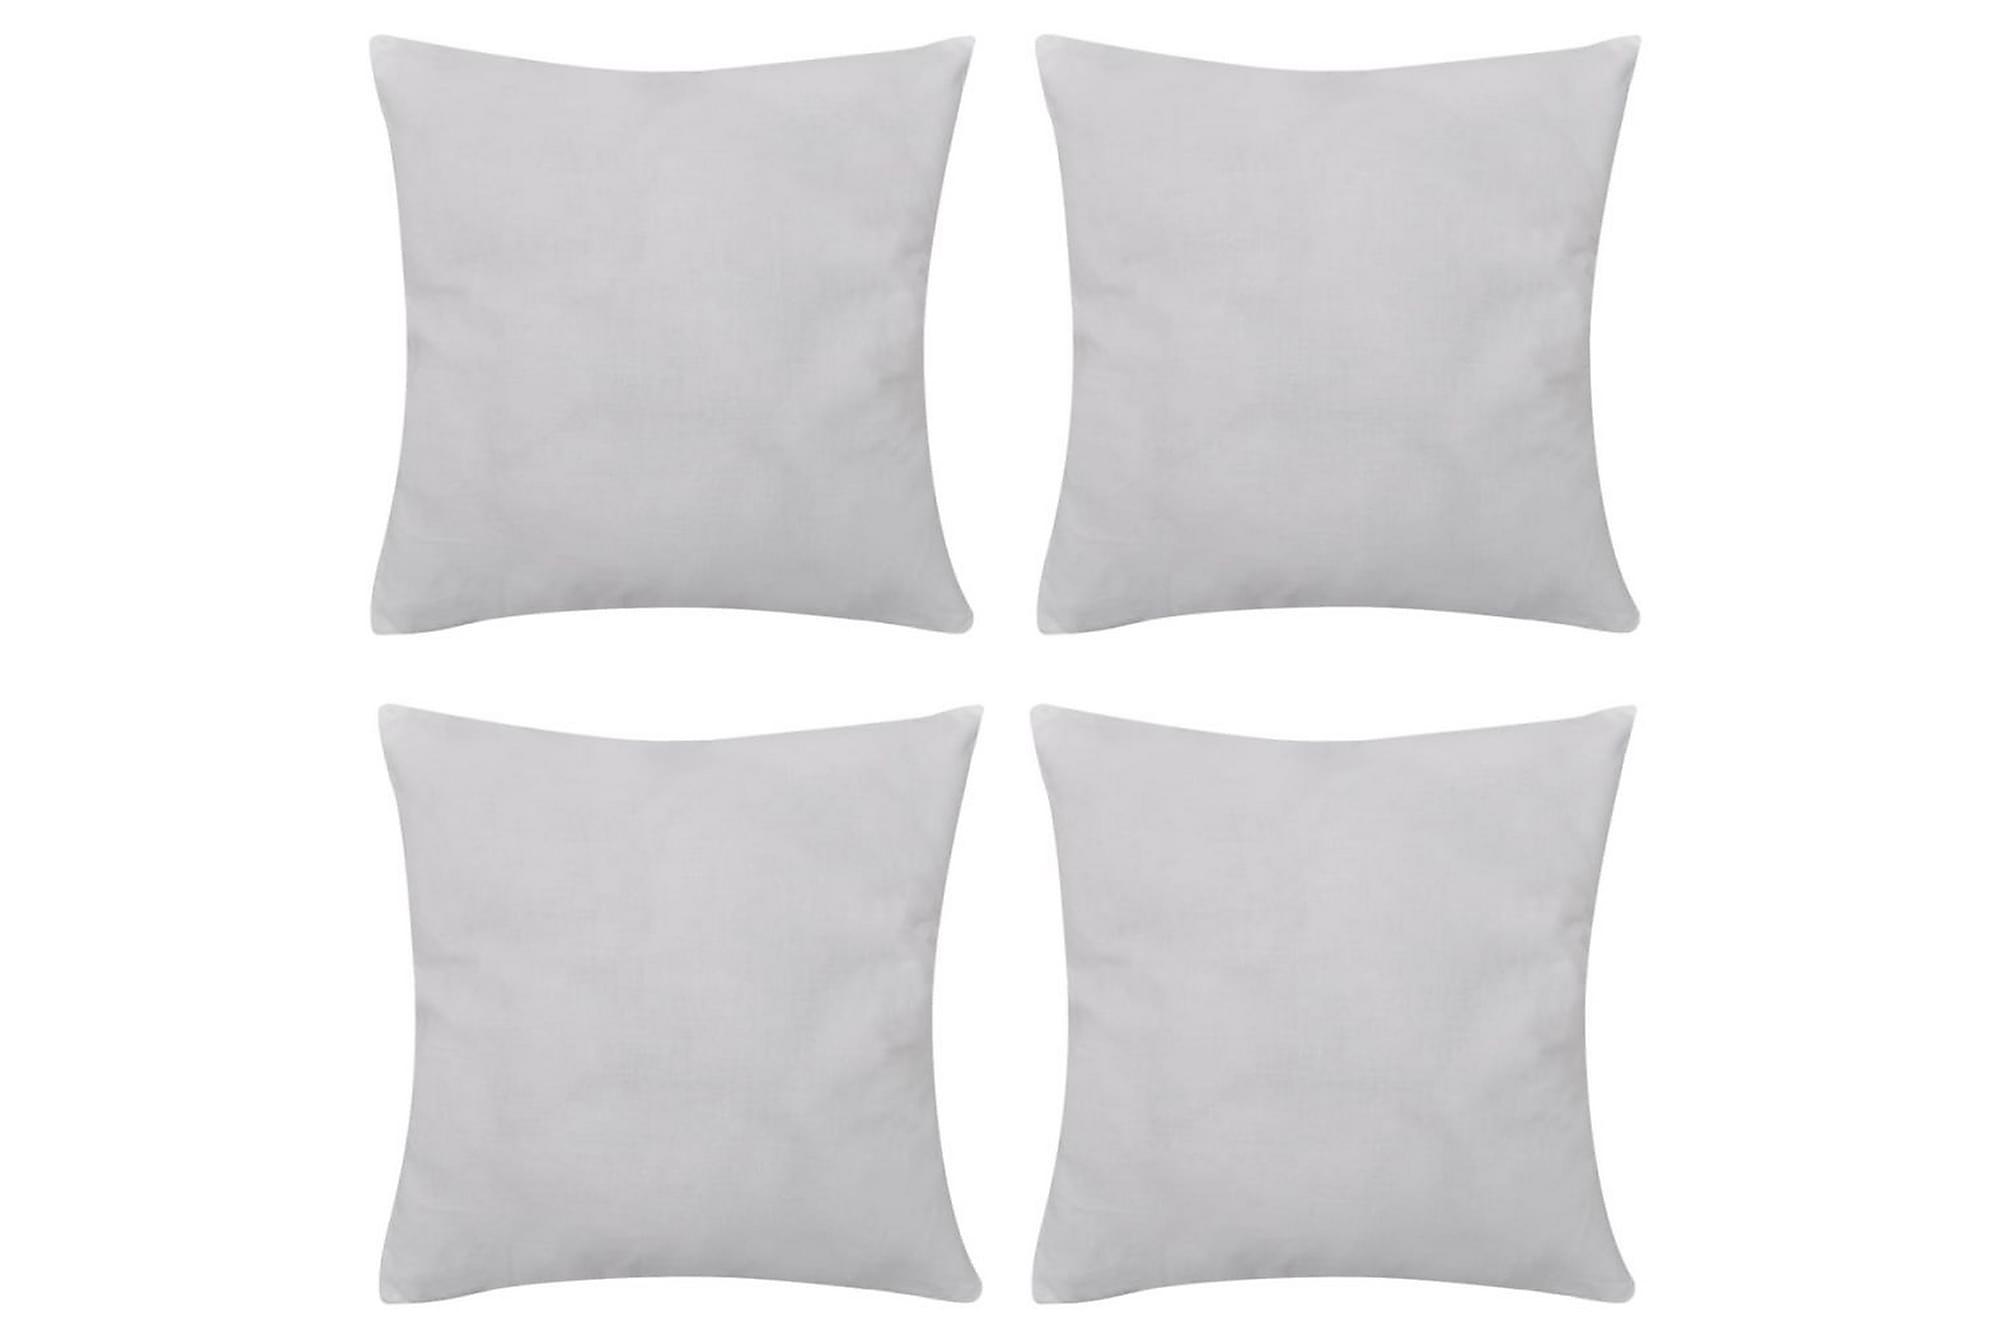 4 Kuddöverdrag i bomull vita 80 x 80 cm, Prydnadskuddar & filtar